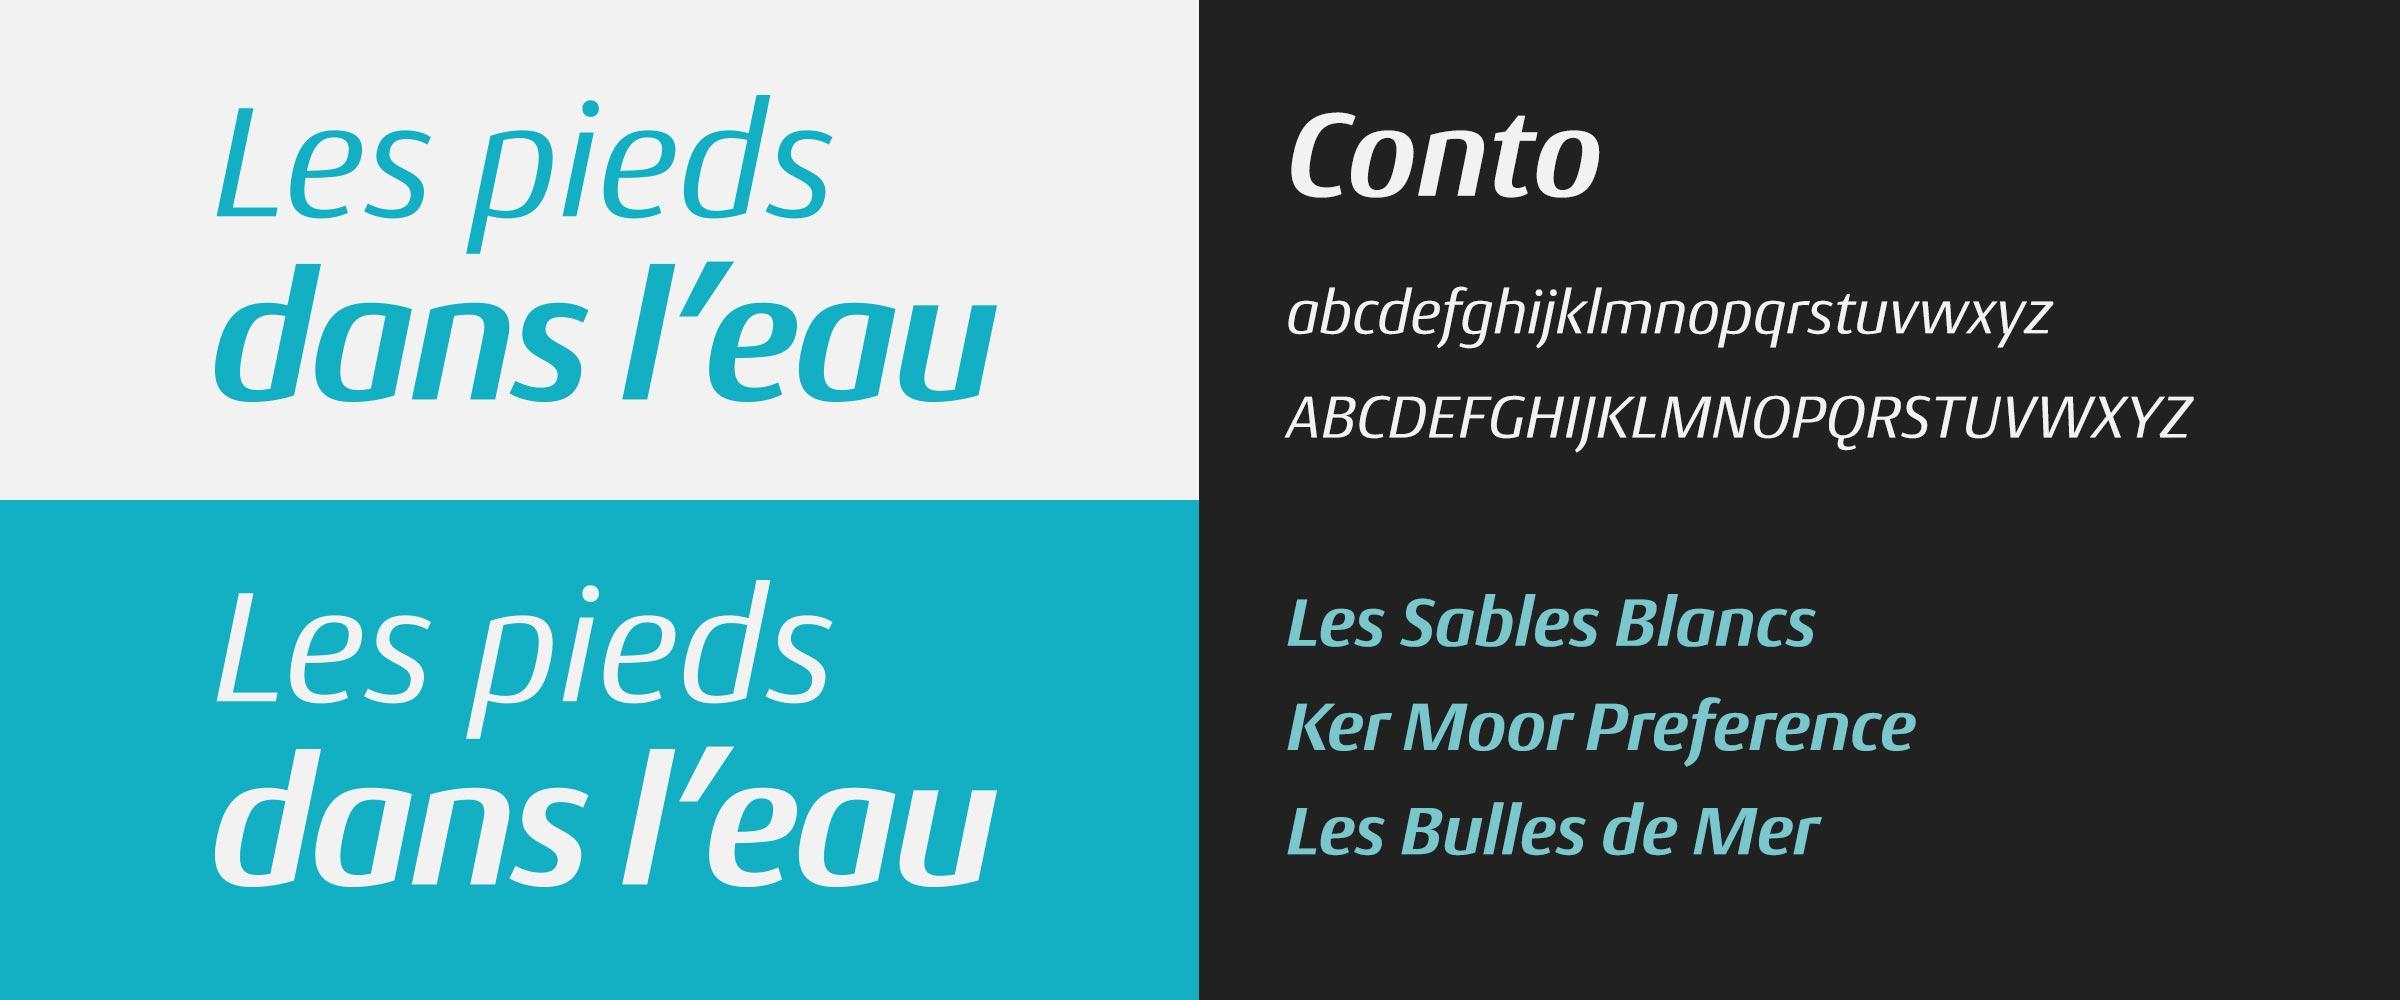 Les pieds dans l'eau typographie identité visuelle